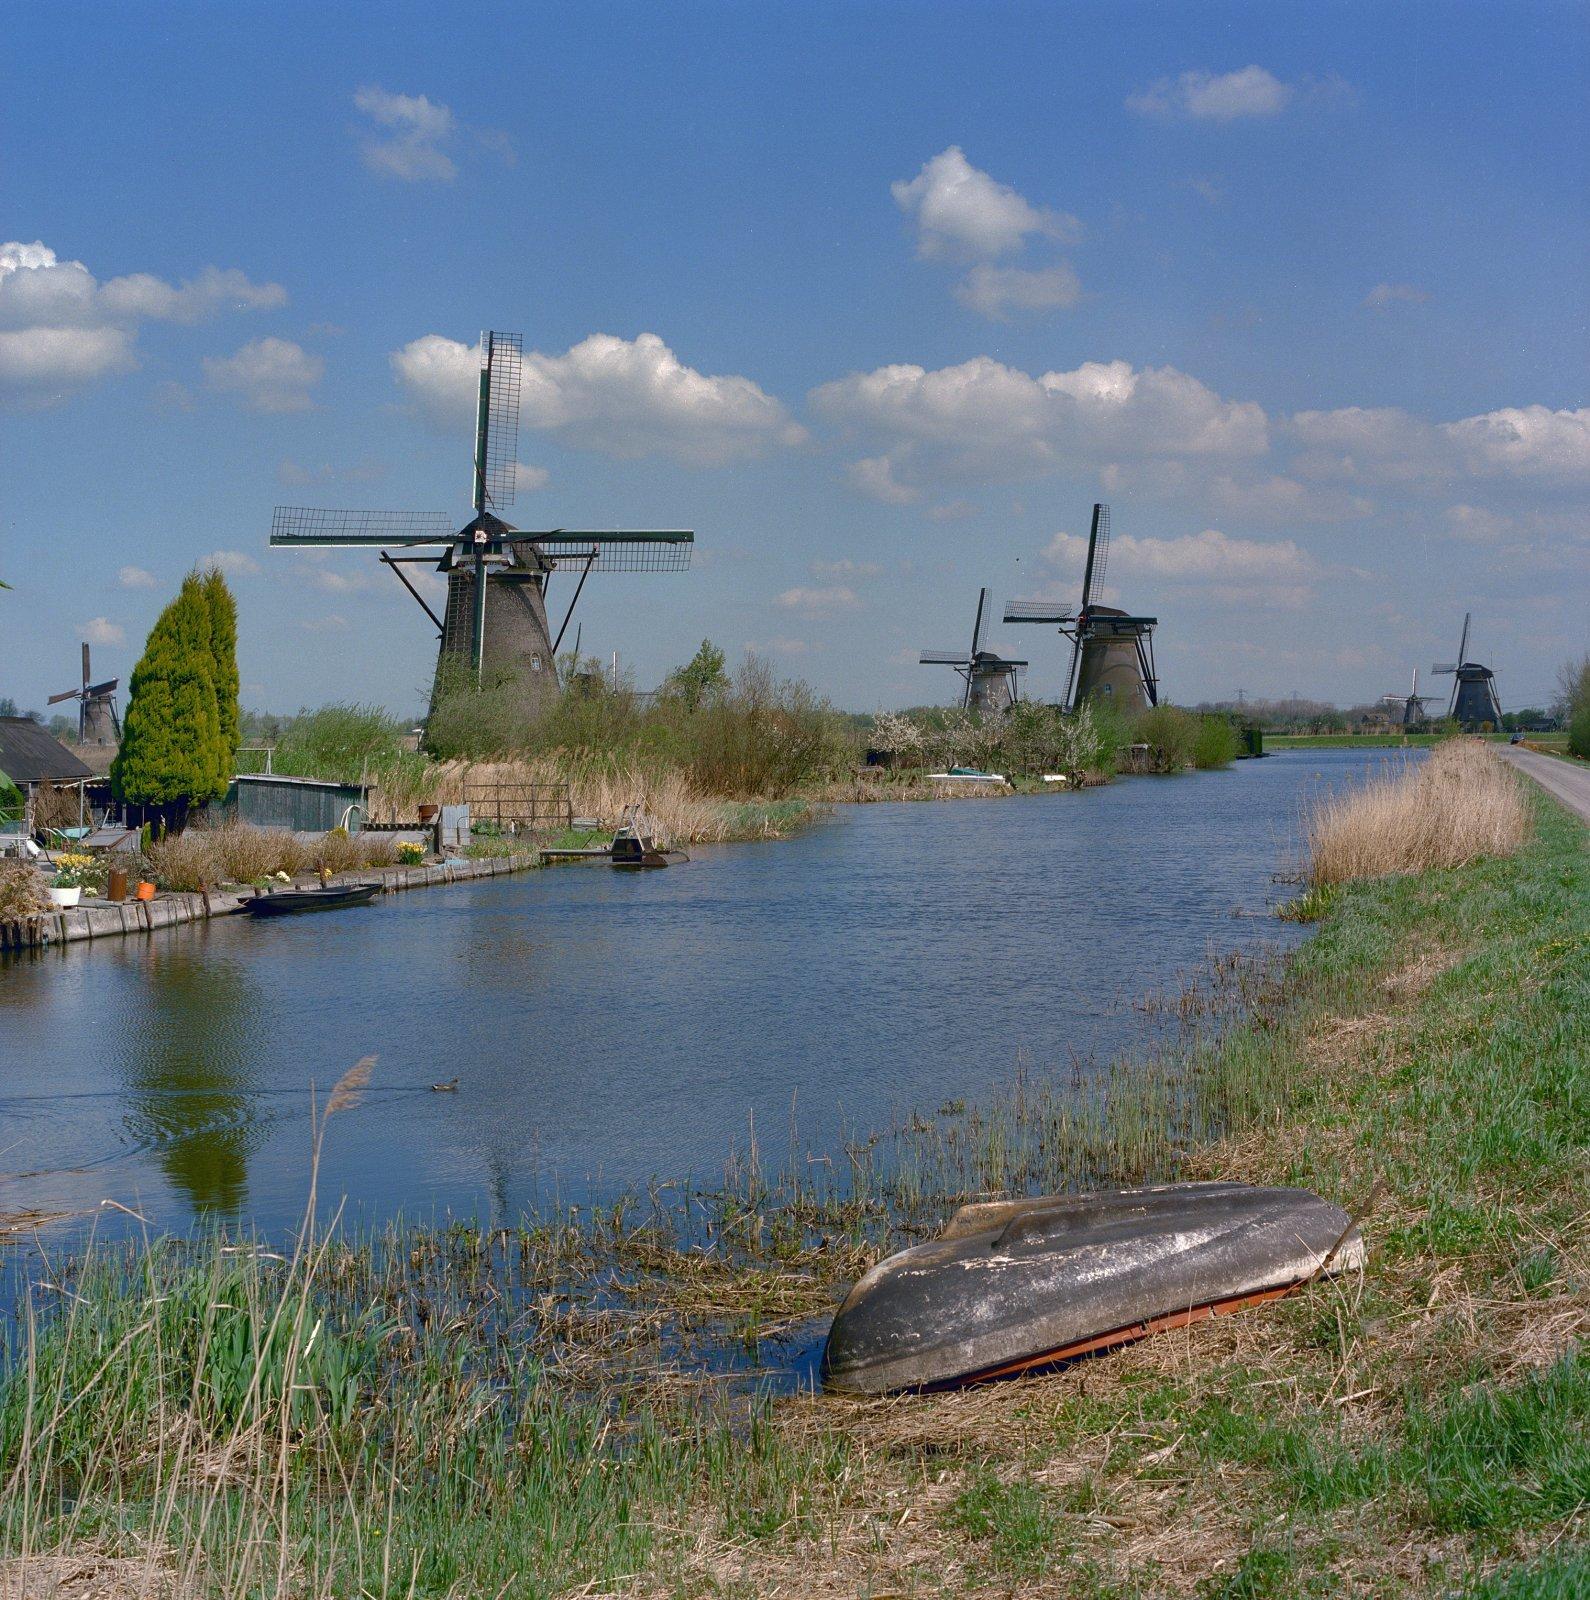 A.J. van der Wal, Kinderdijk Werelderfgoed, 1996-05, Beeldbank van de Rijksdienst voor het Cultureel Erfgoed